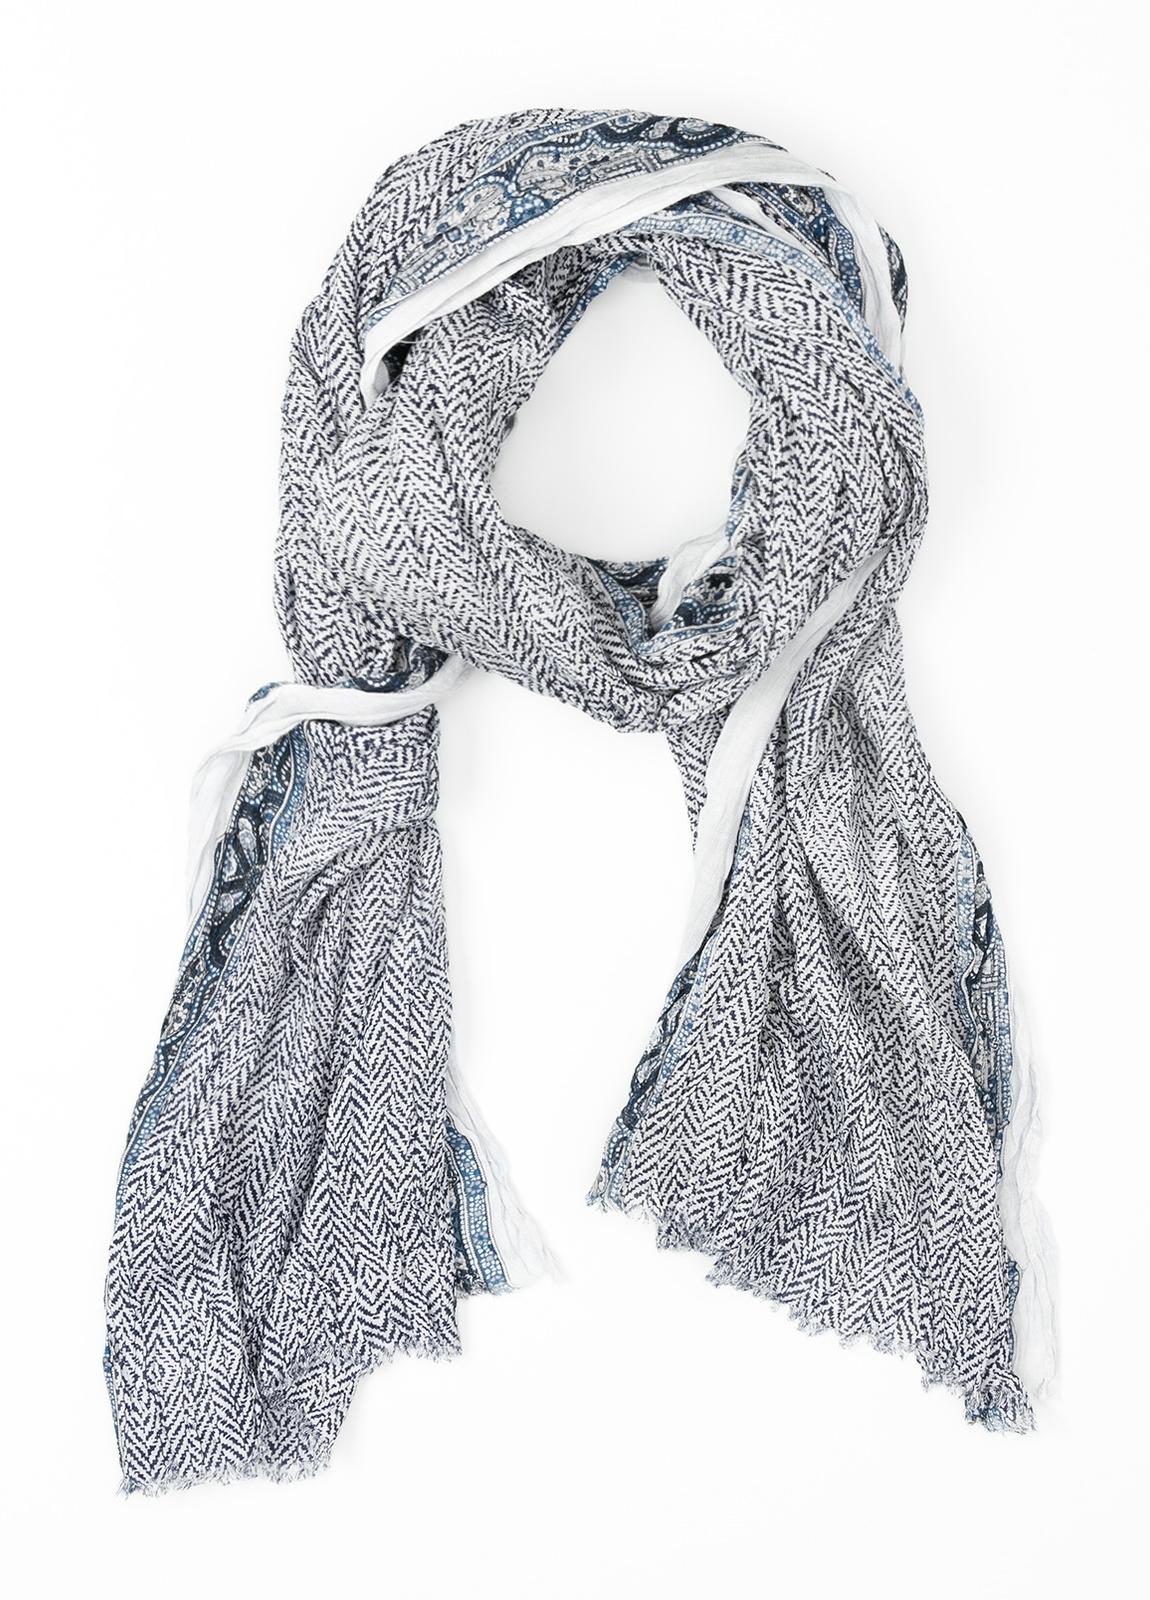 Foulard estampado étnico color azul, 60 x 185 cm. 85% Viscosa 15% Lana virgen.